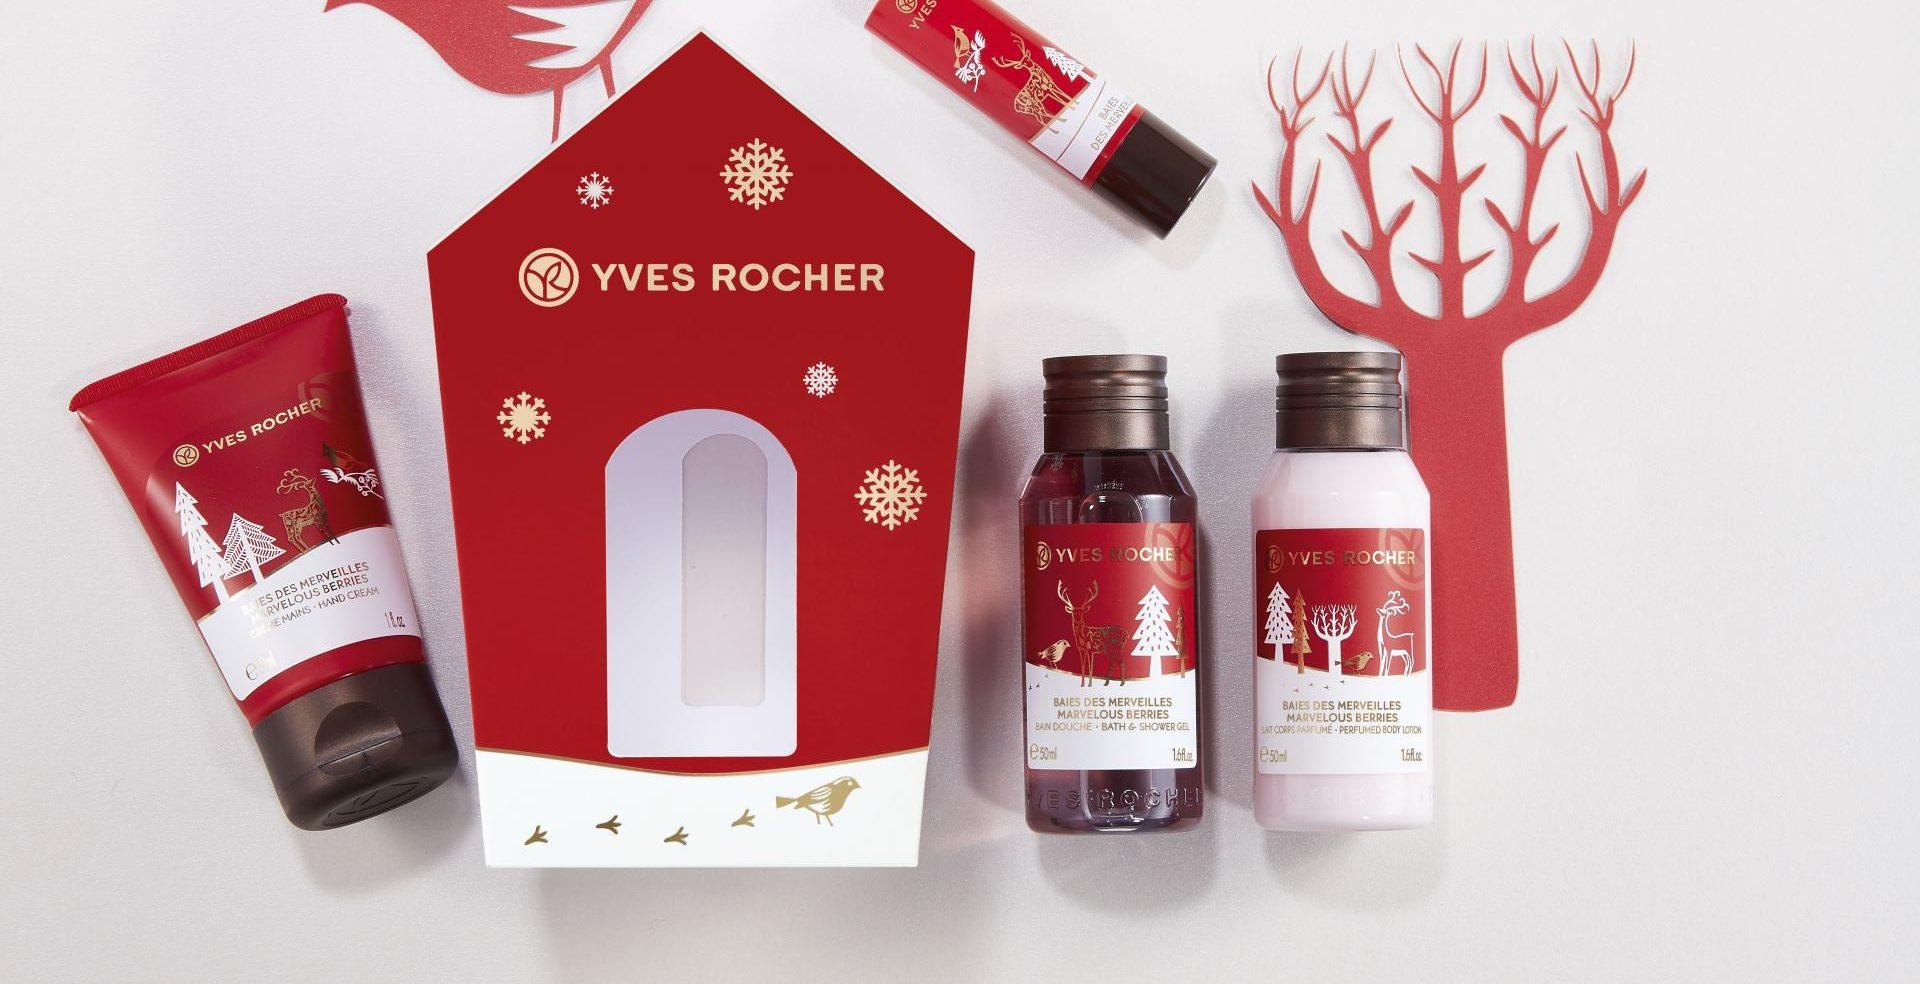 FOTO: Yves Rocher predstavio nove kolekcije za njegu i zdravlje kože